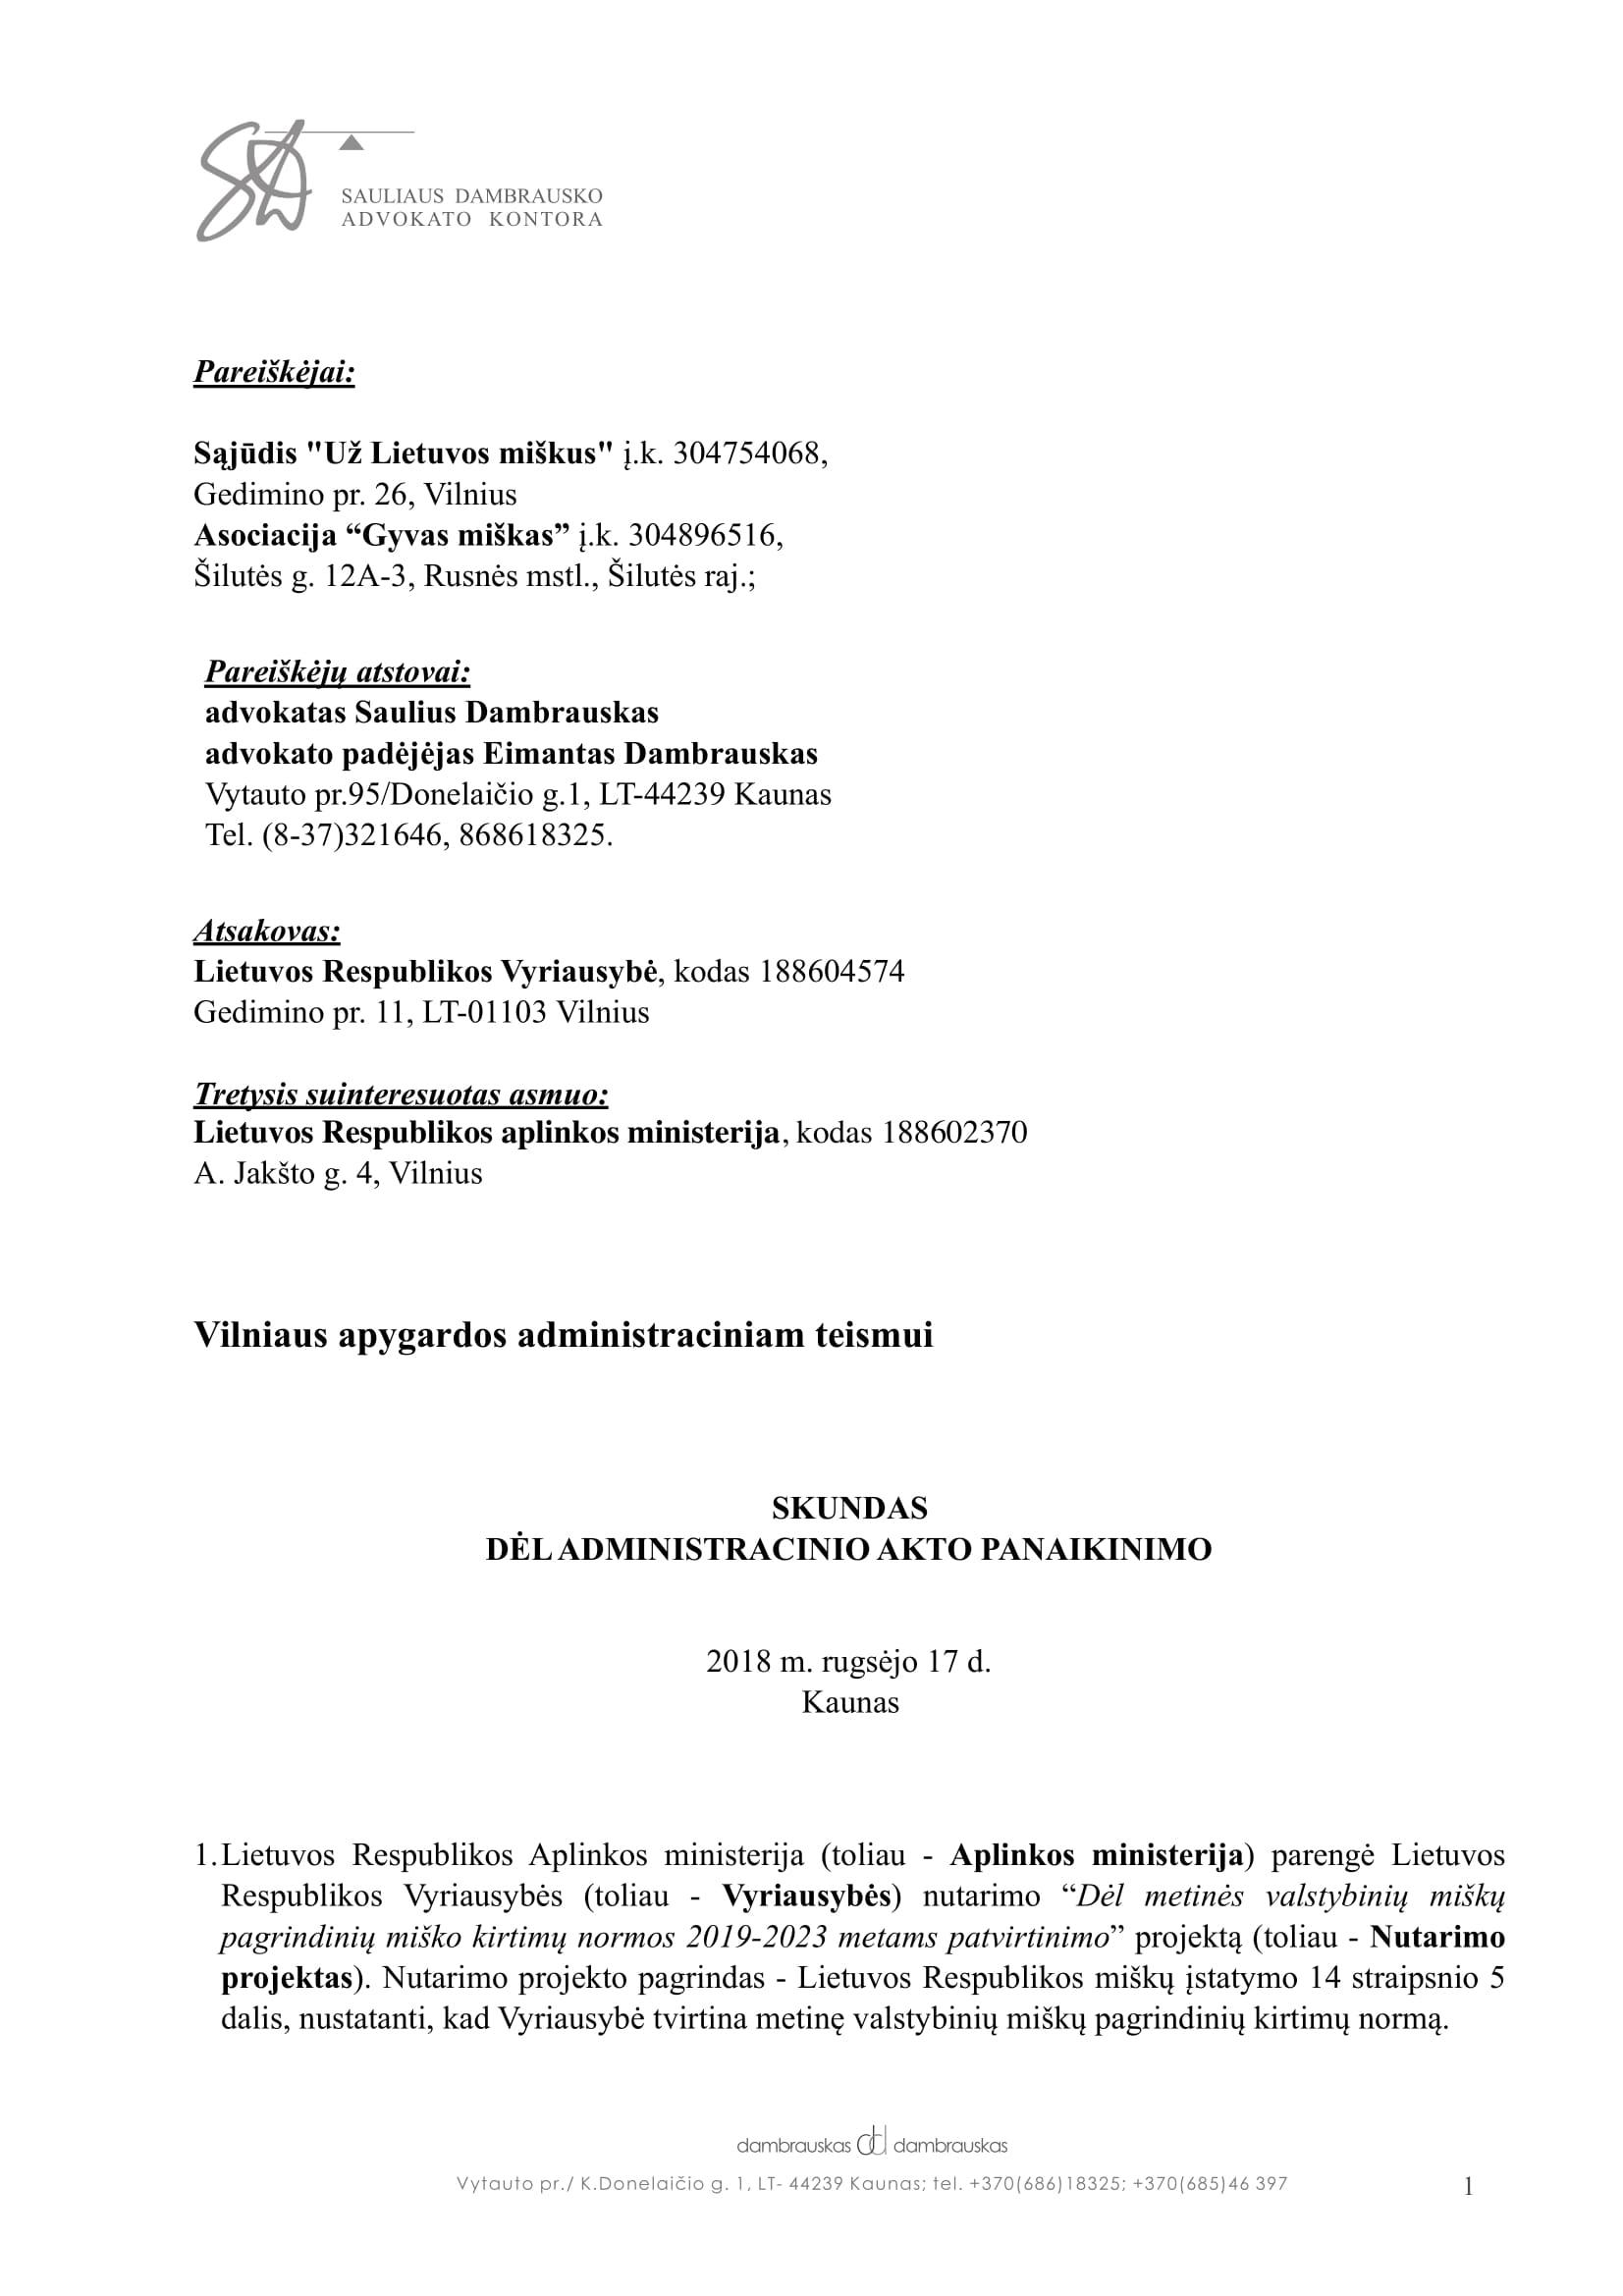 Skundas_teismui del misku kirtitimo1